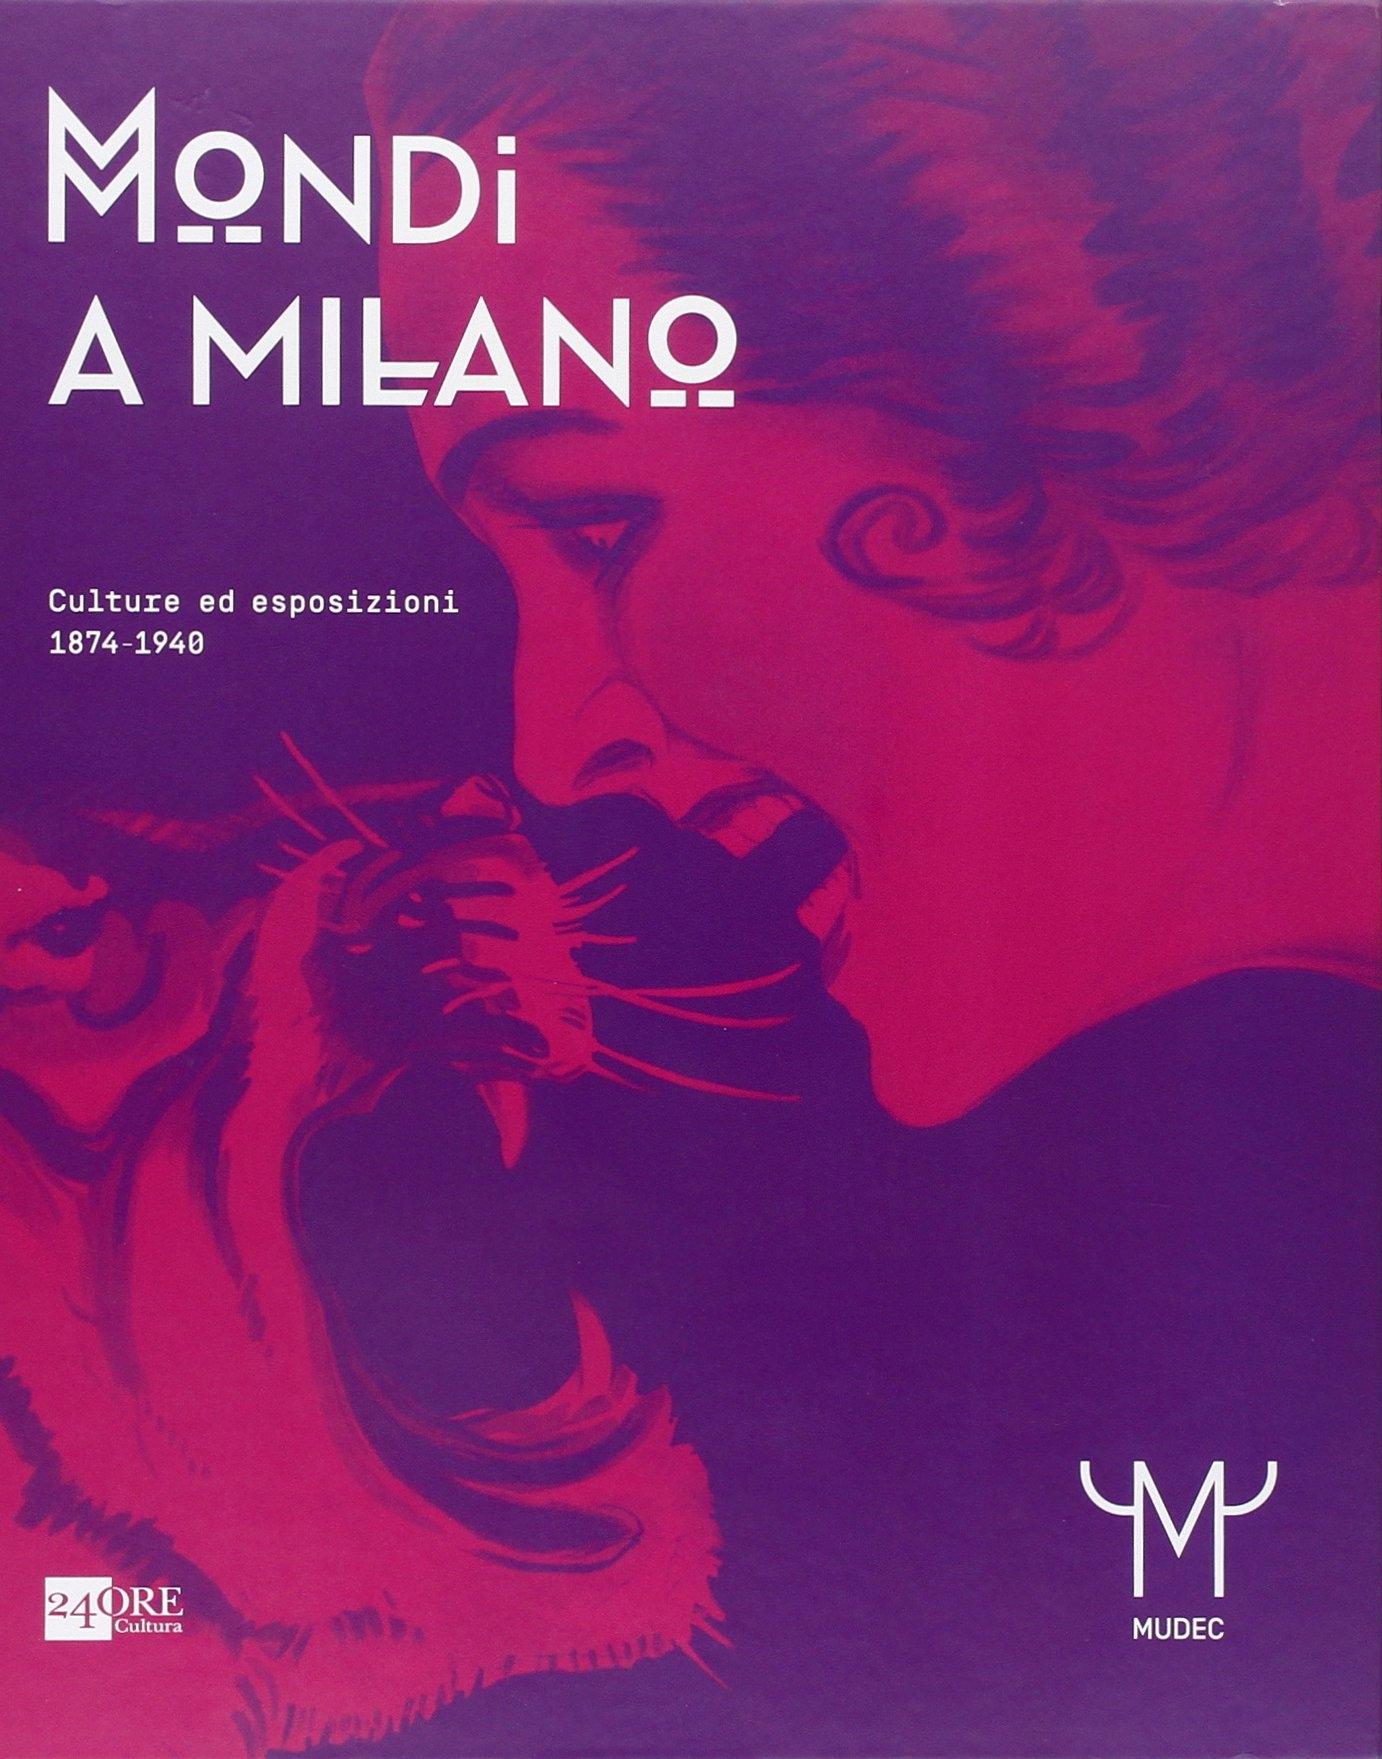 Mondi a Milano. Culture ed Esposizioni 1874-1940